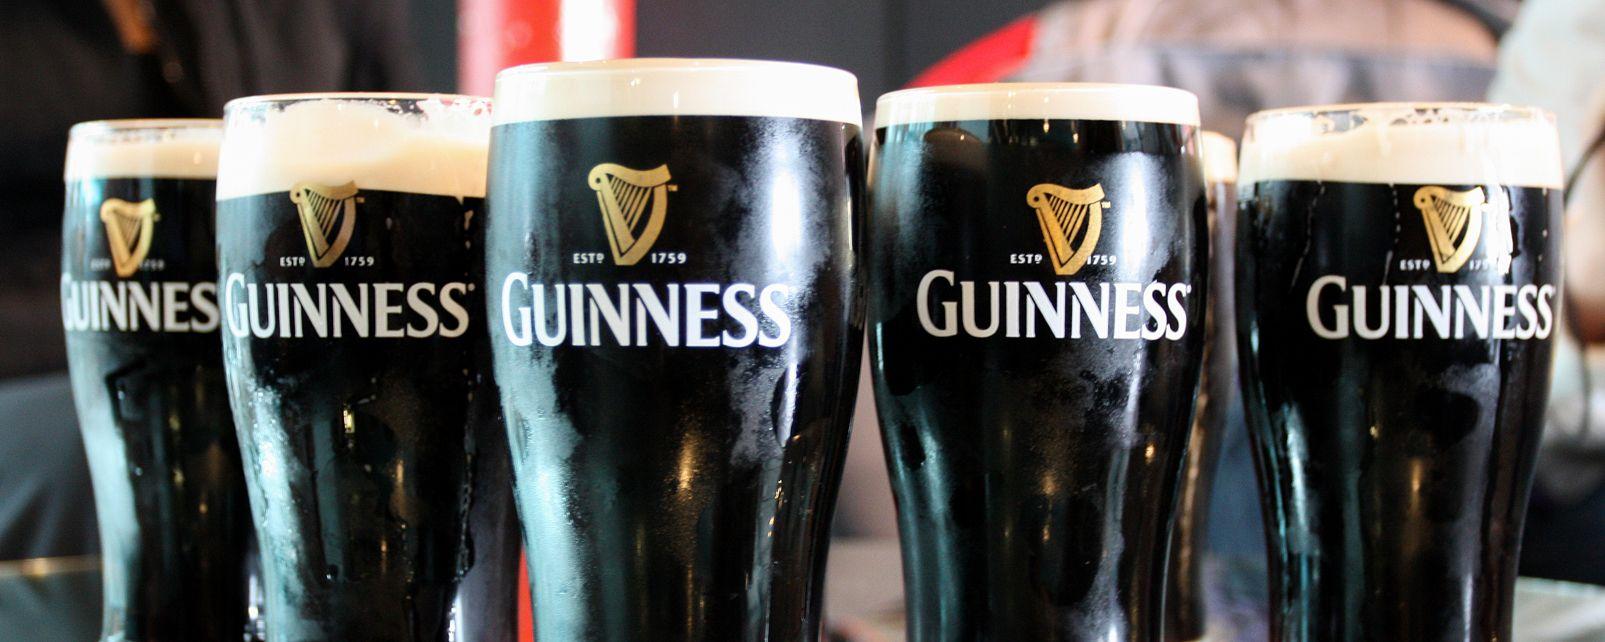 Die Brauerei Guinness in Dublin, Guiness Storehouse, Die Monumente, Dublin, Irland